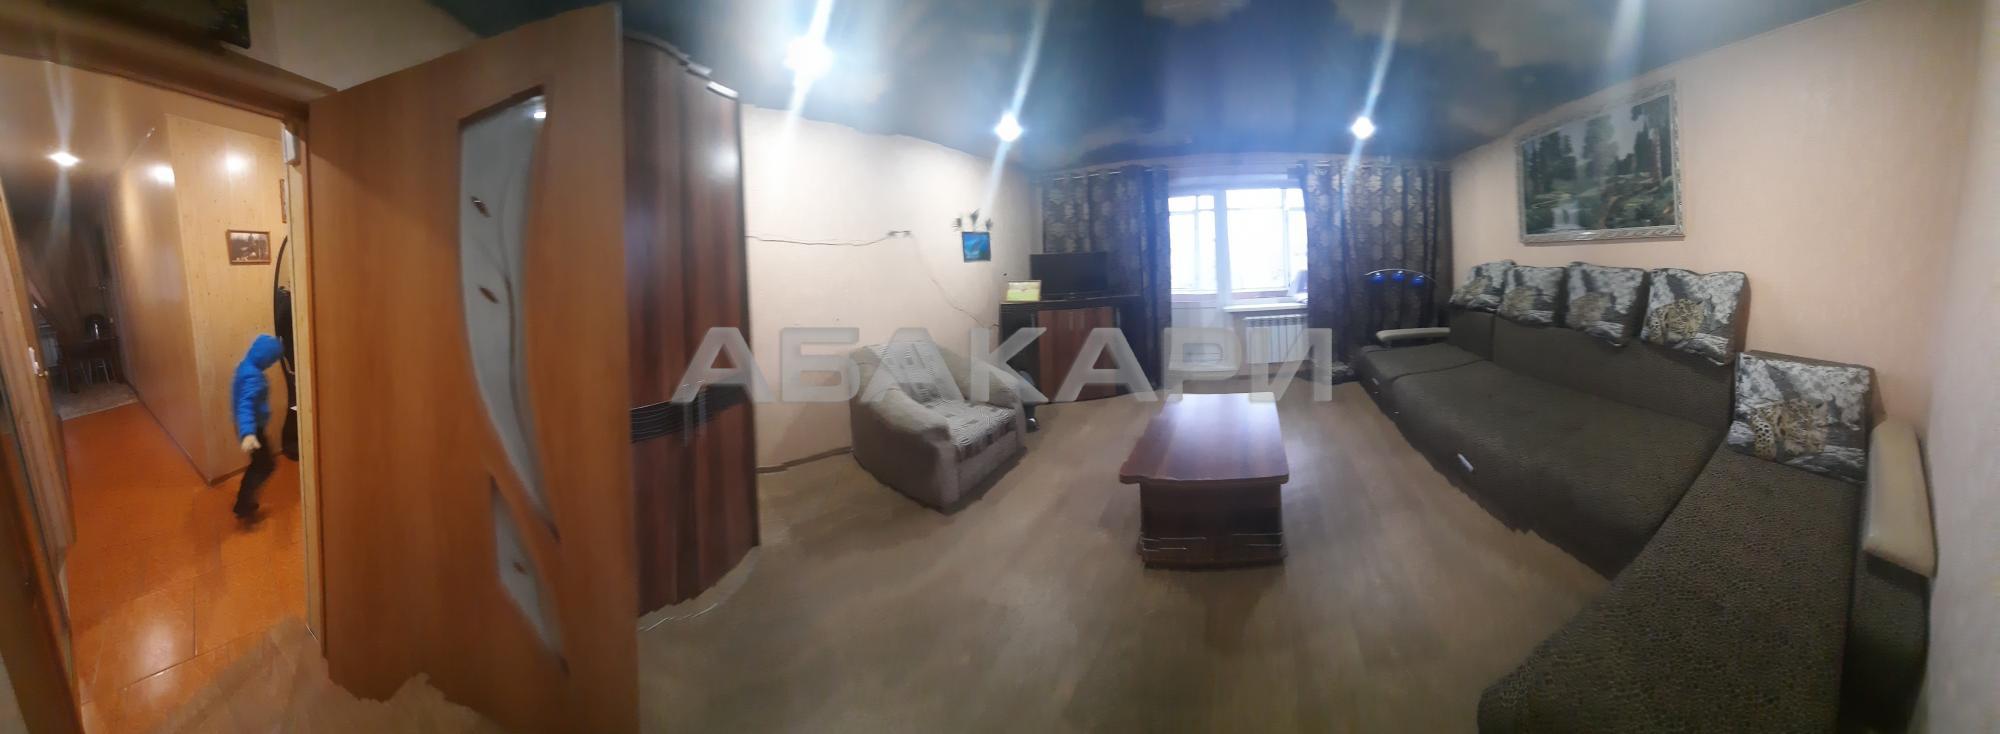 1к квартира улица Щорса, 48А 5/9 - 36кв | 20000 | аренда в Красноярске фото 0